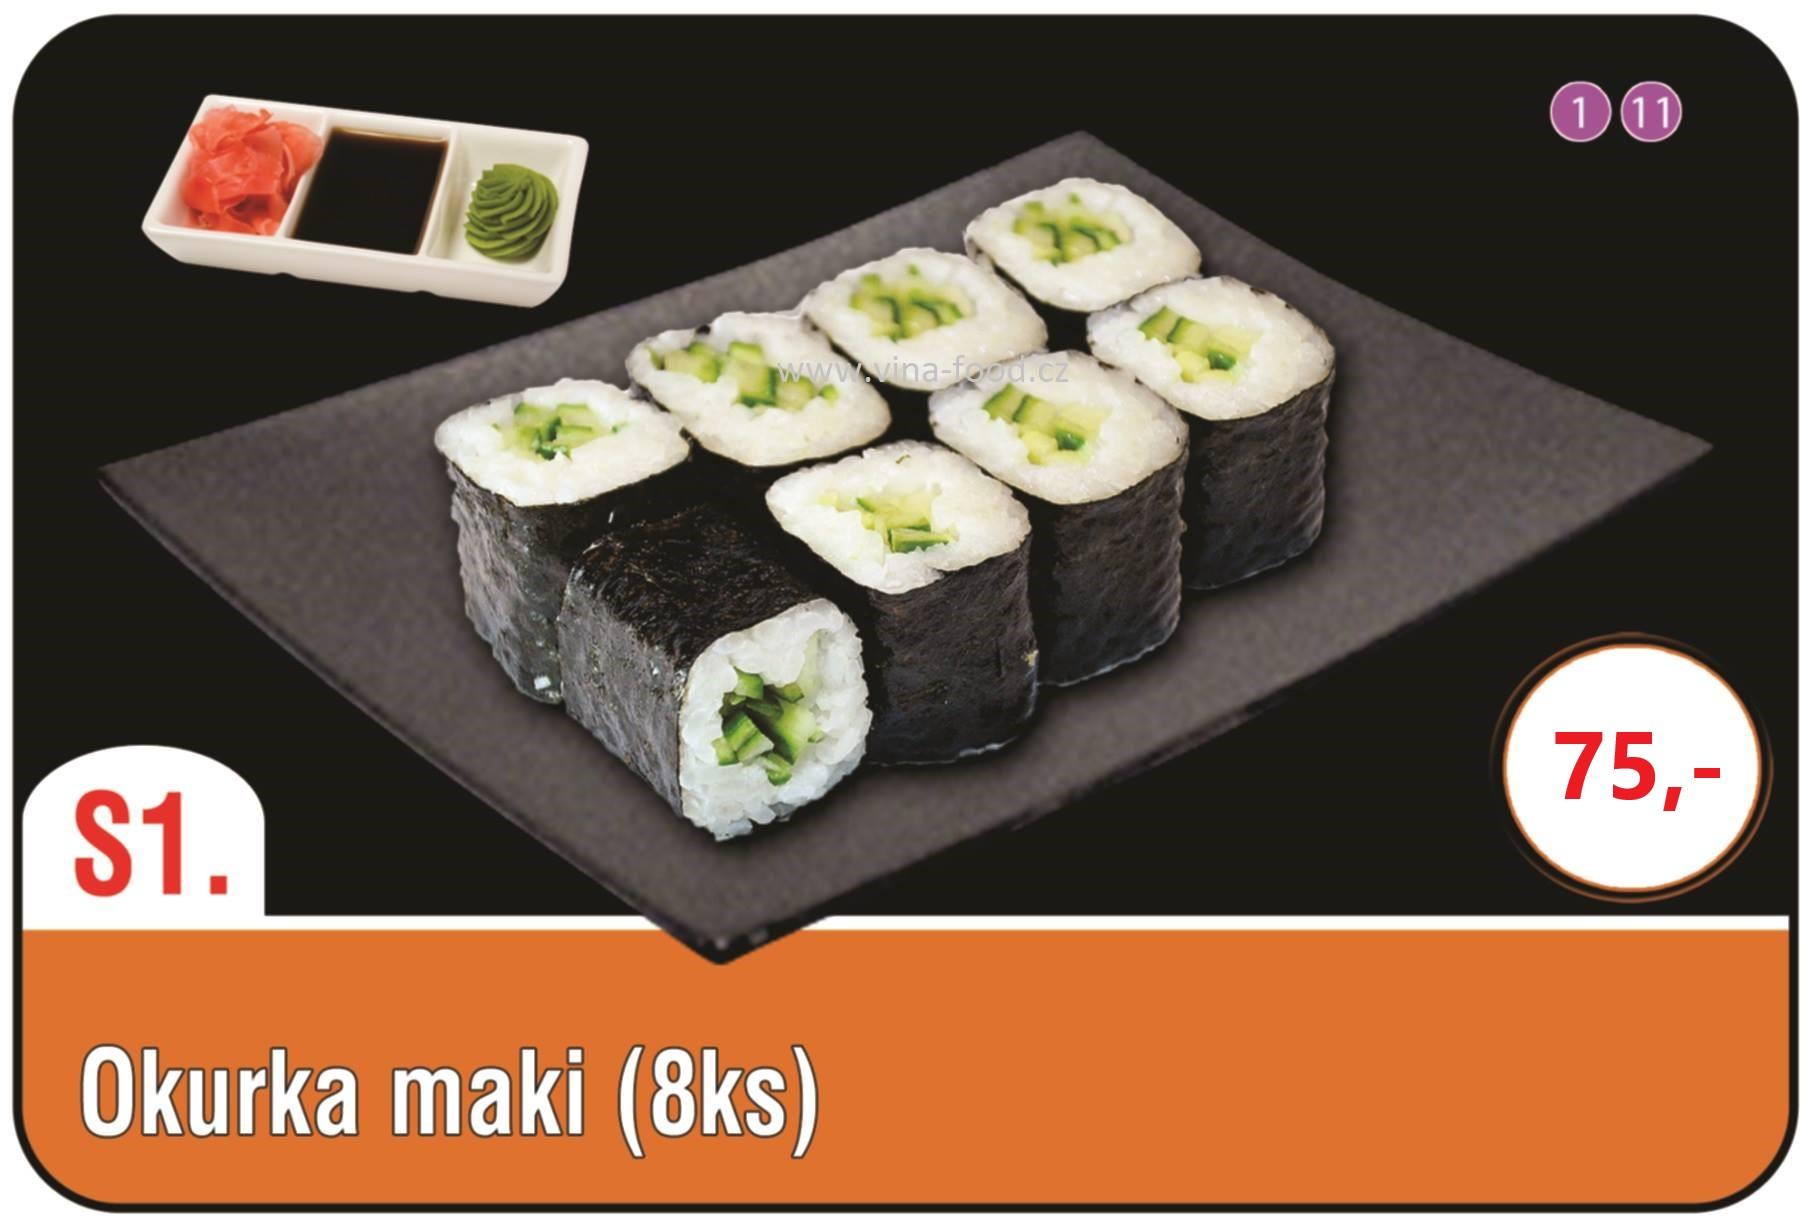 Sushi okurka maki 8ks